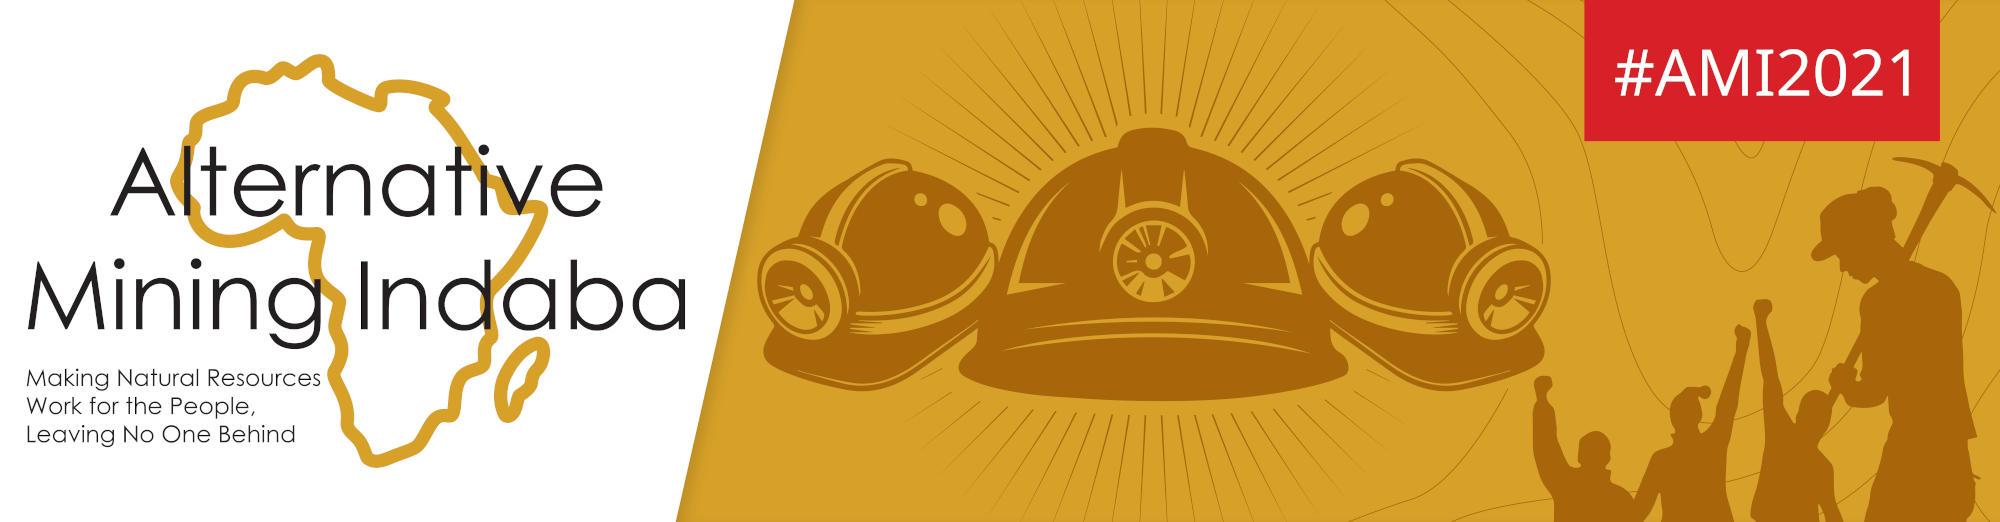 Alternative Mining Indaba Logo